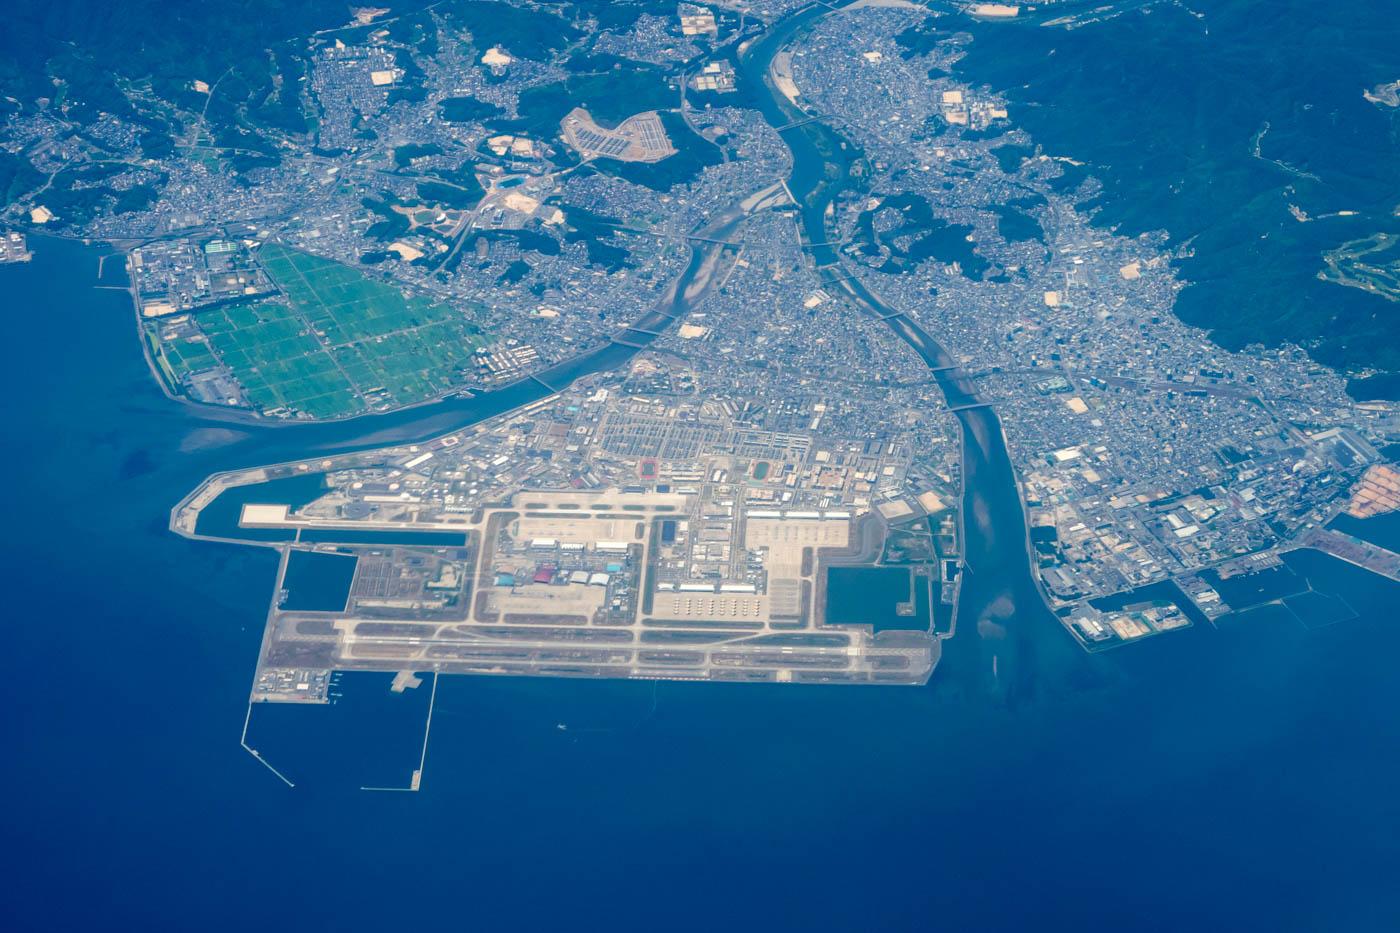 MCAS Iwakuni